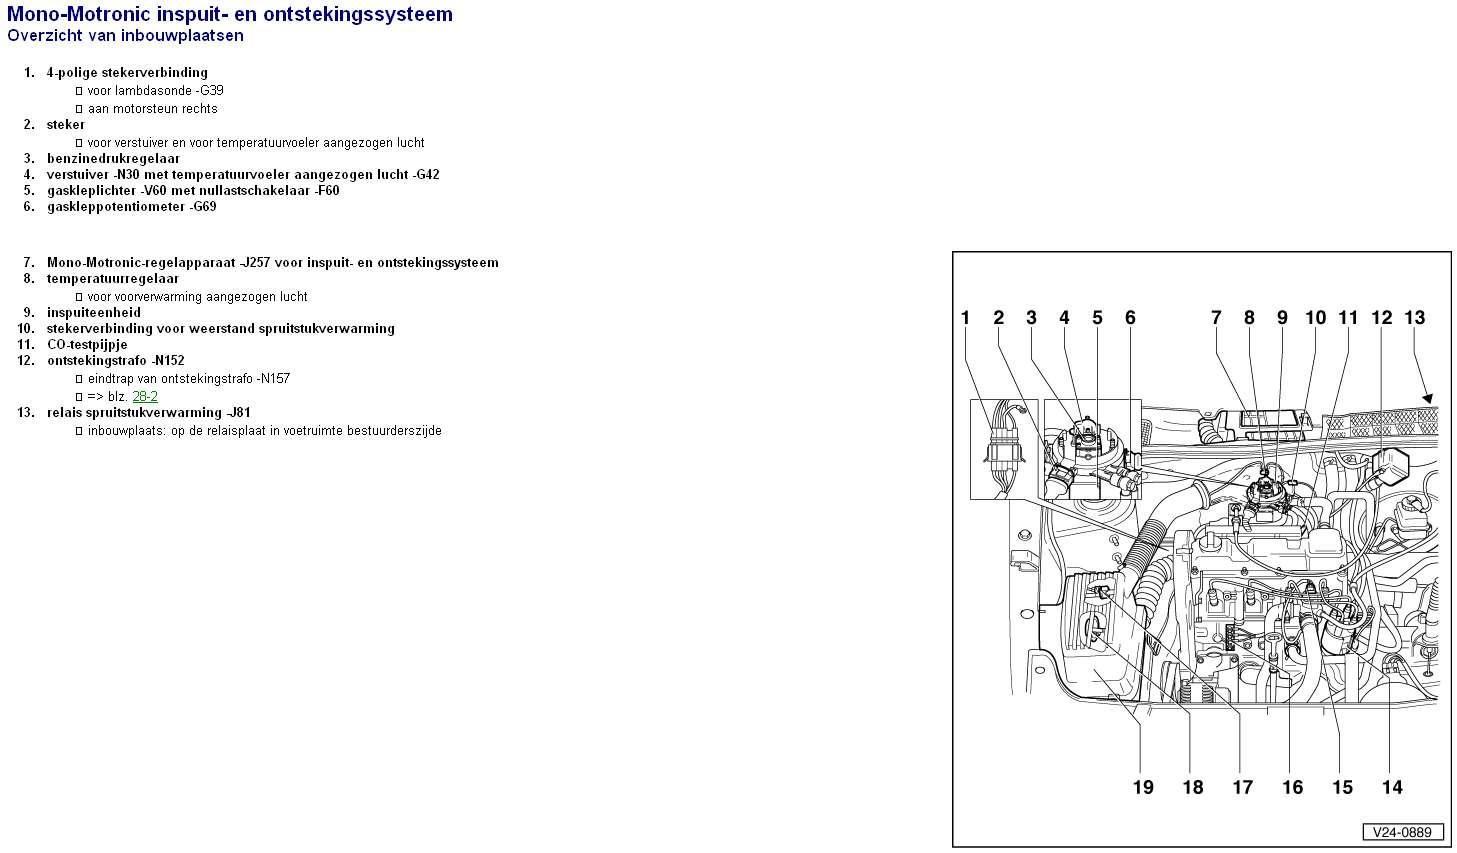 welke sensoren zitten er op de monopoint 1 8 8v